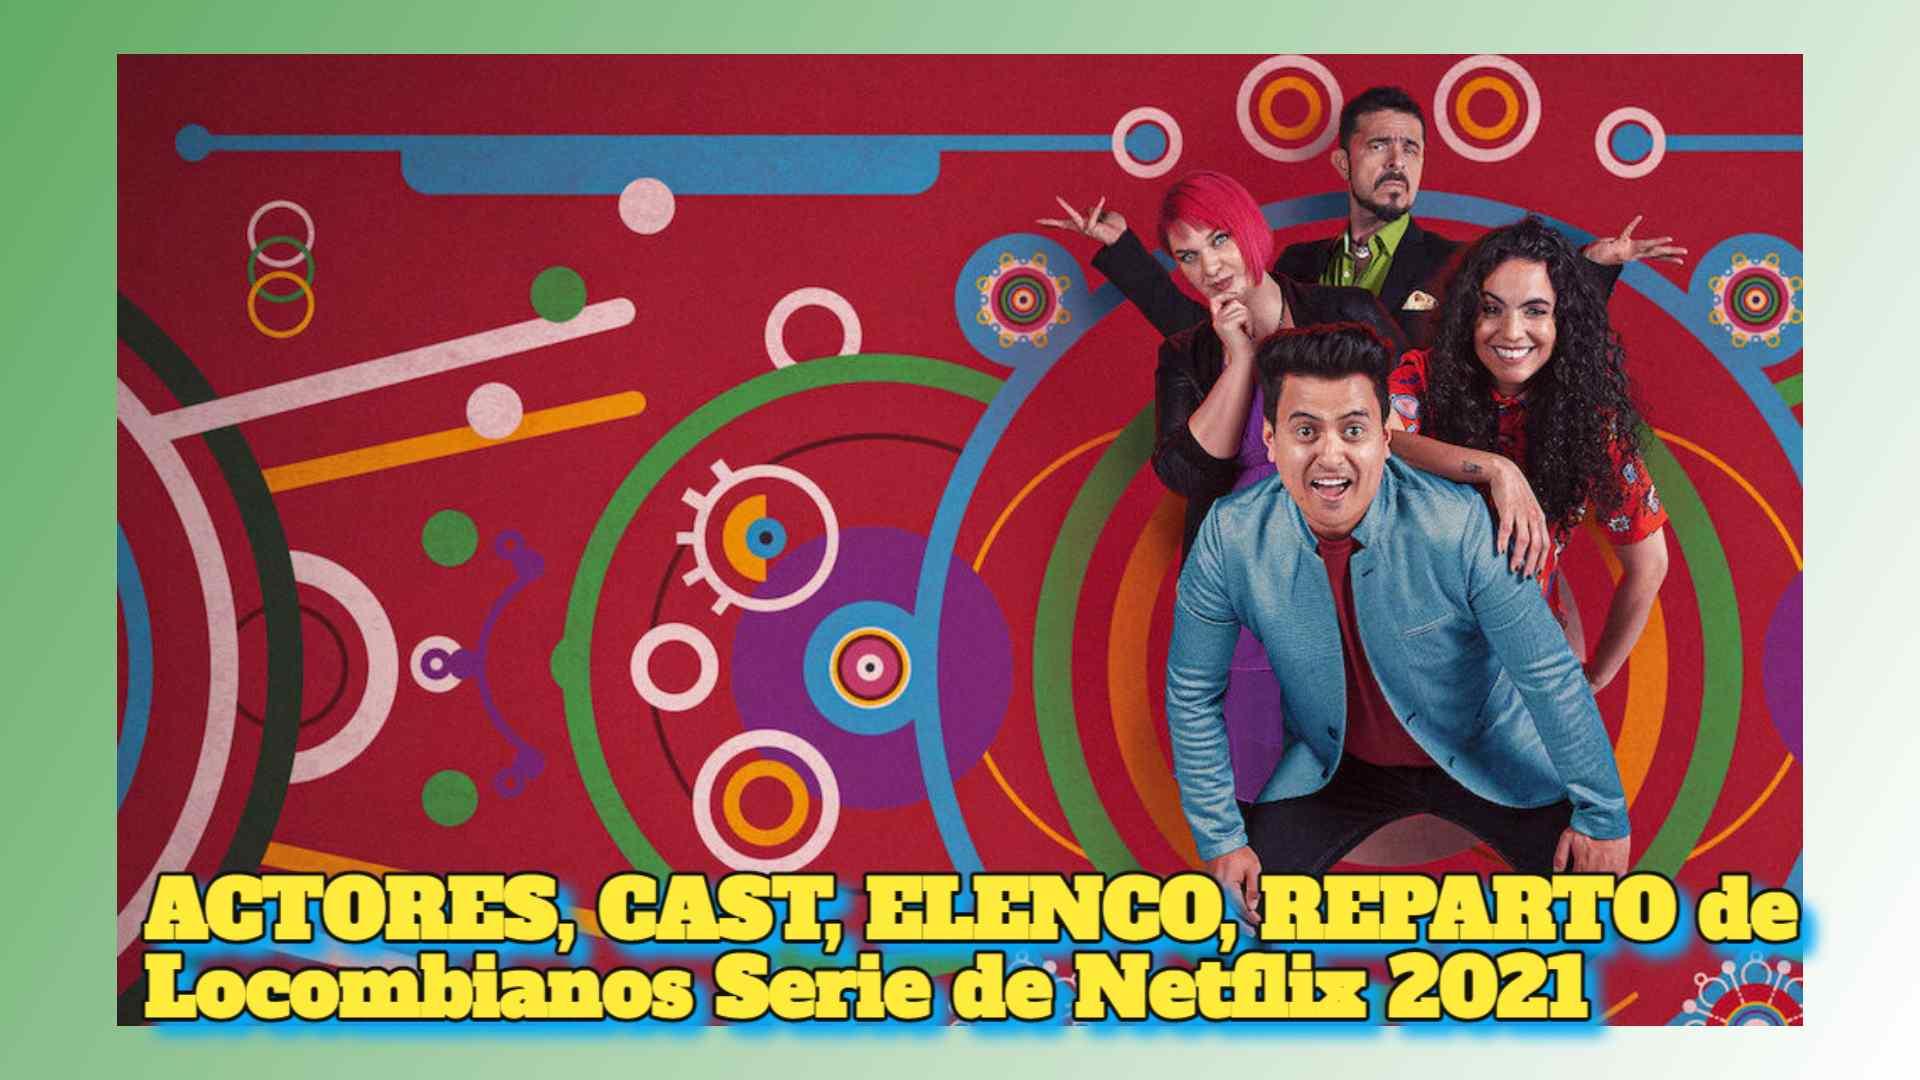 ACTORES, CAST, ELENCO, REPARTO de Locombianos Serie de Netflix 2021